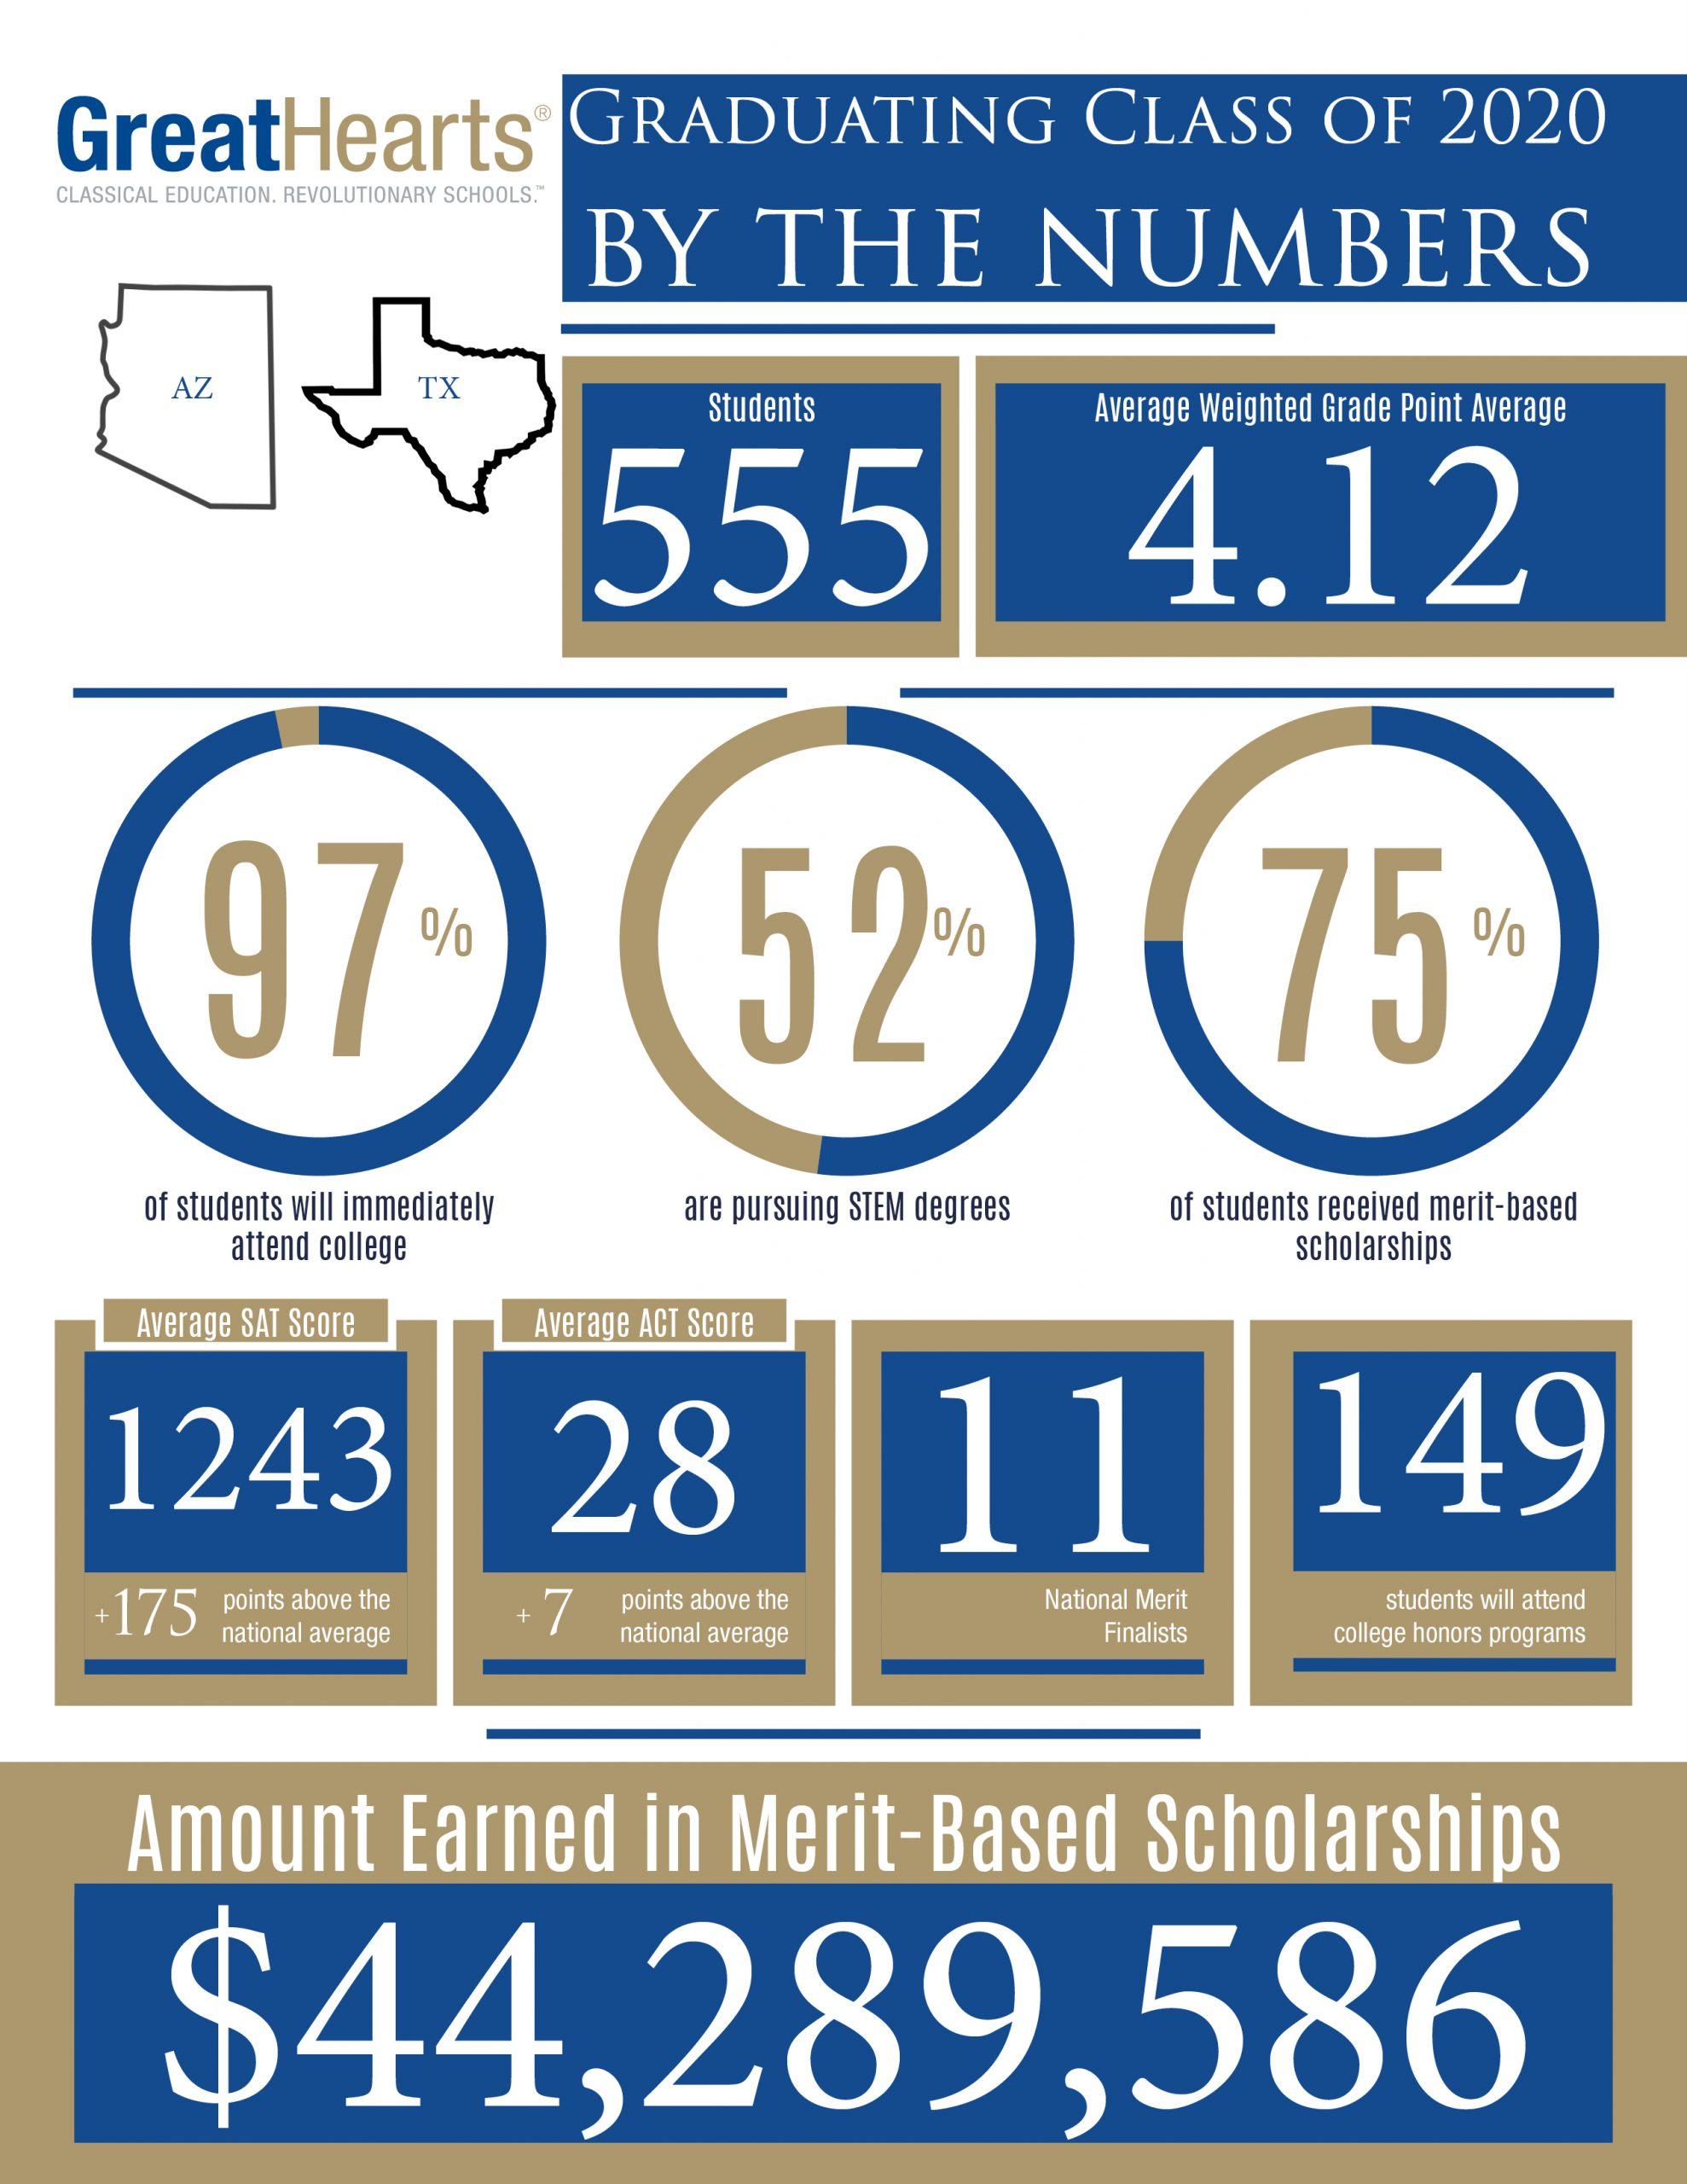 44,289,586 in scholarships